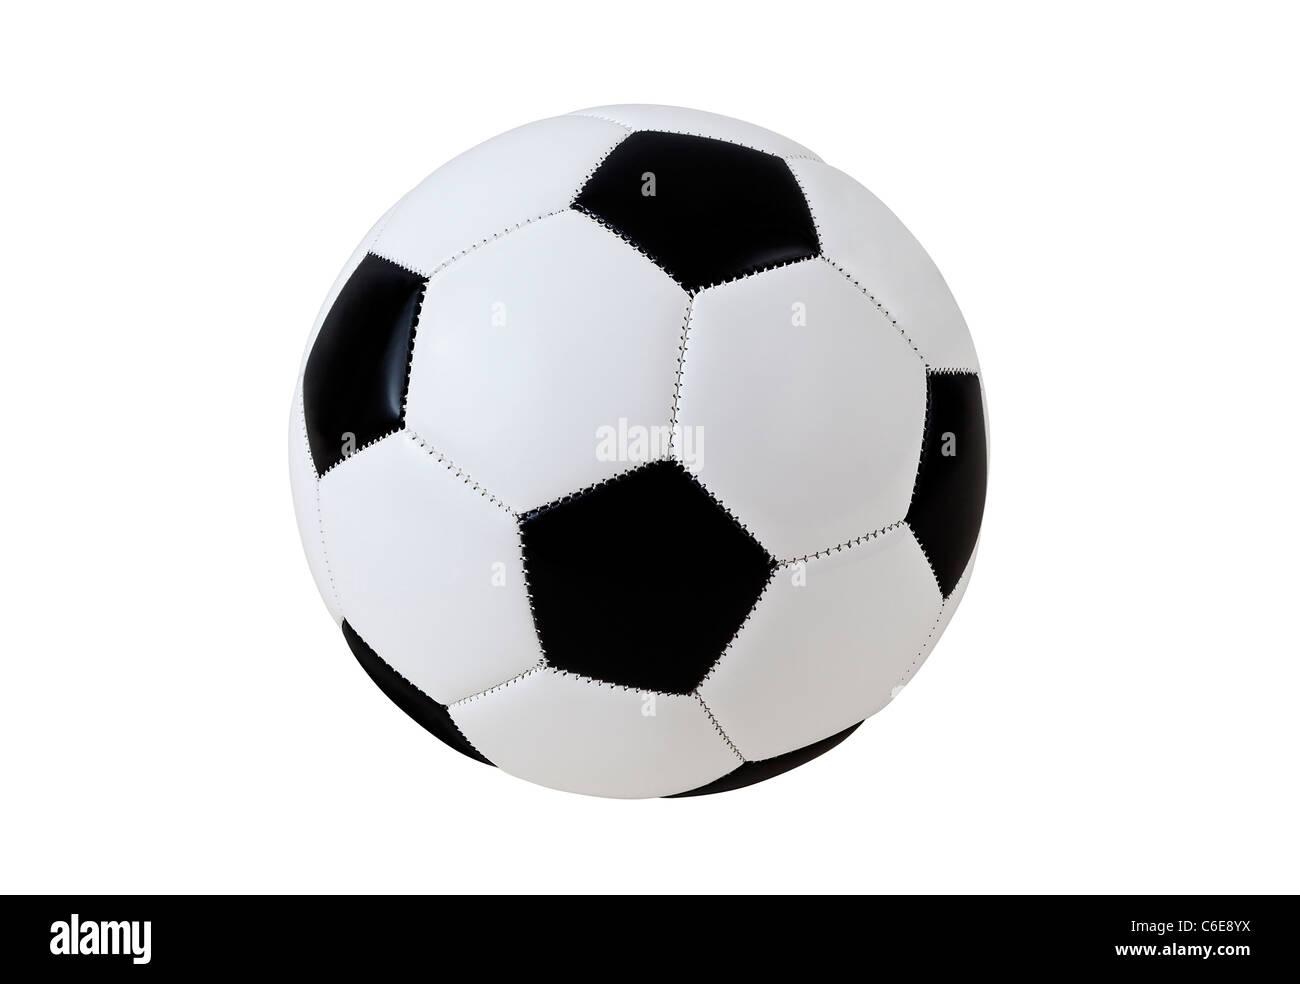 Pallone da calcio con tracciato di ritaglio Immagini Stock